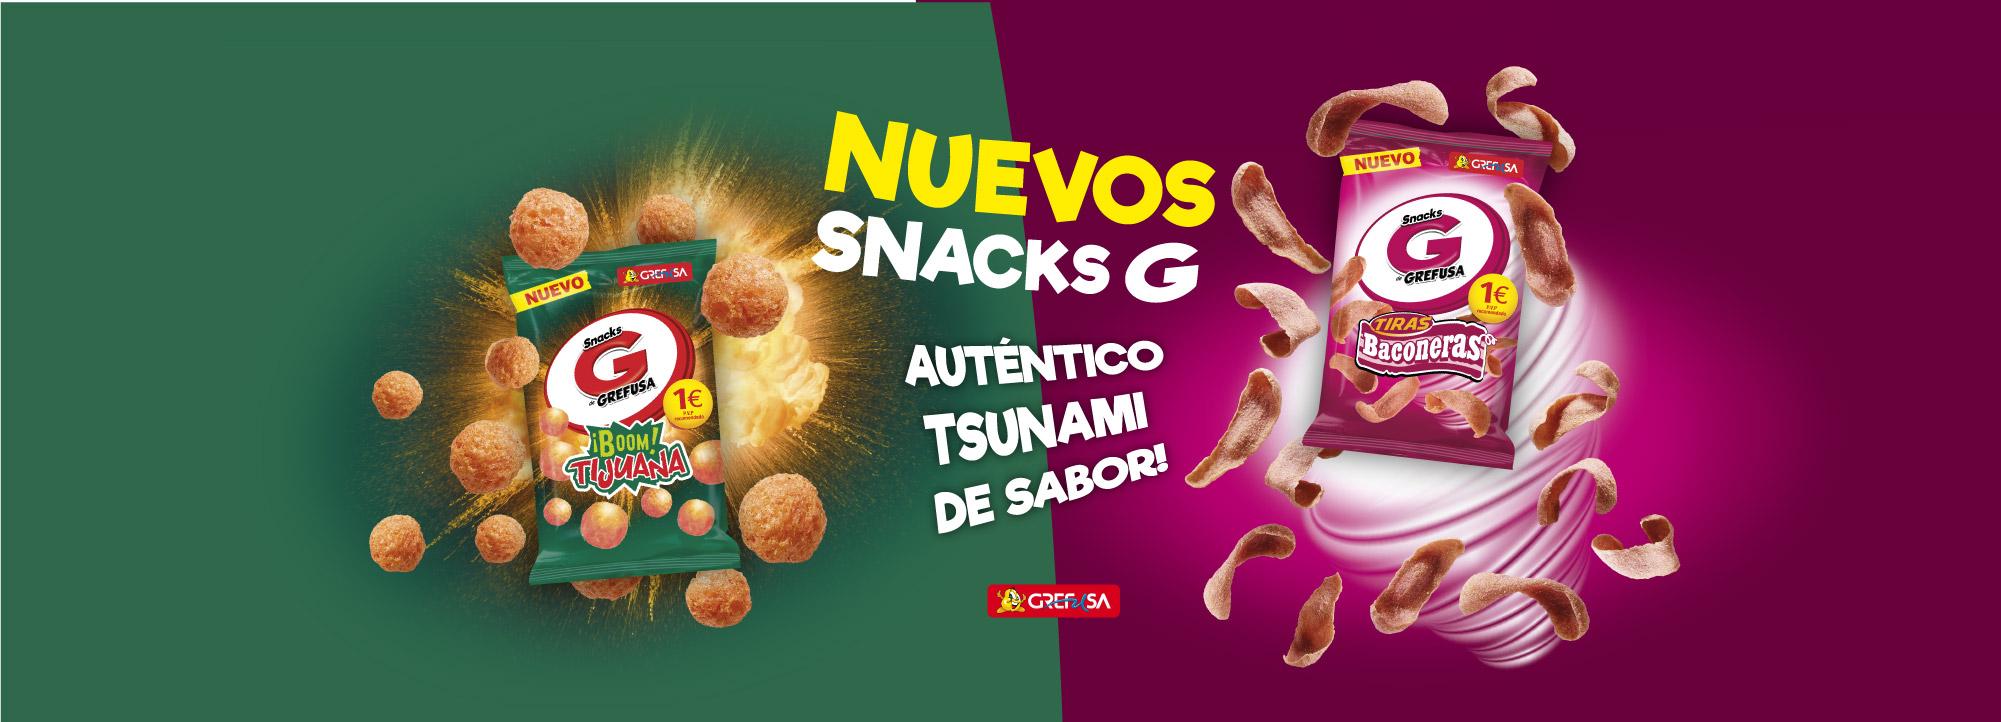 snacks Grefusa